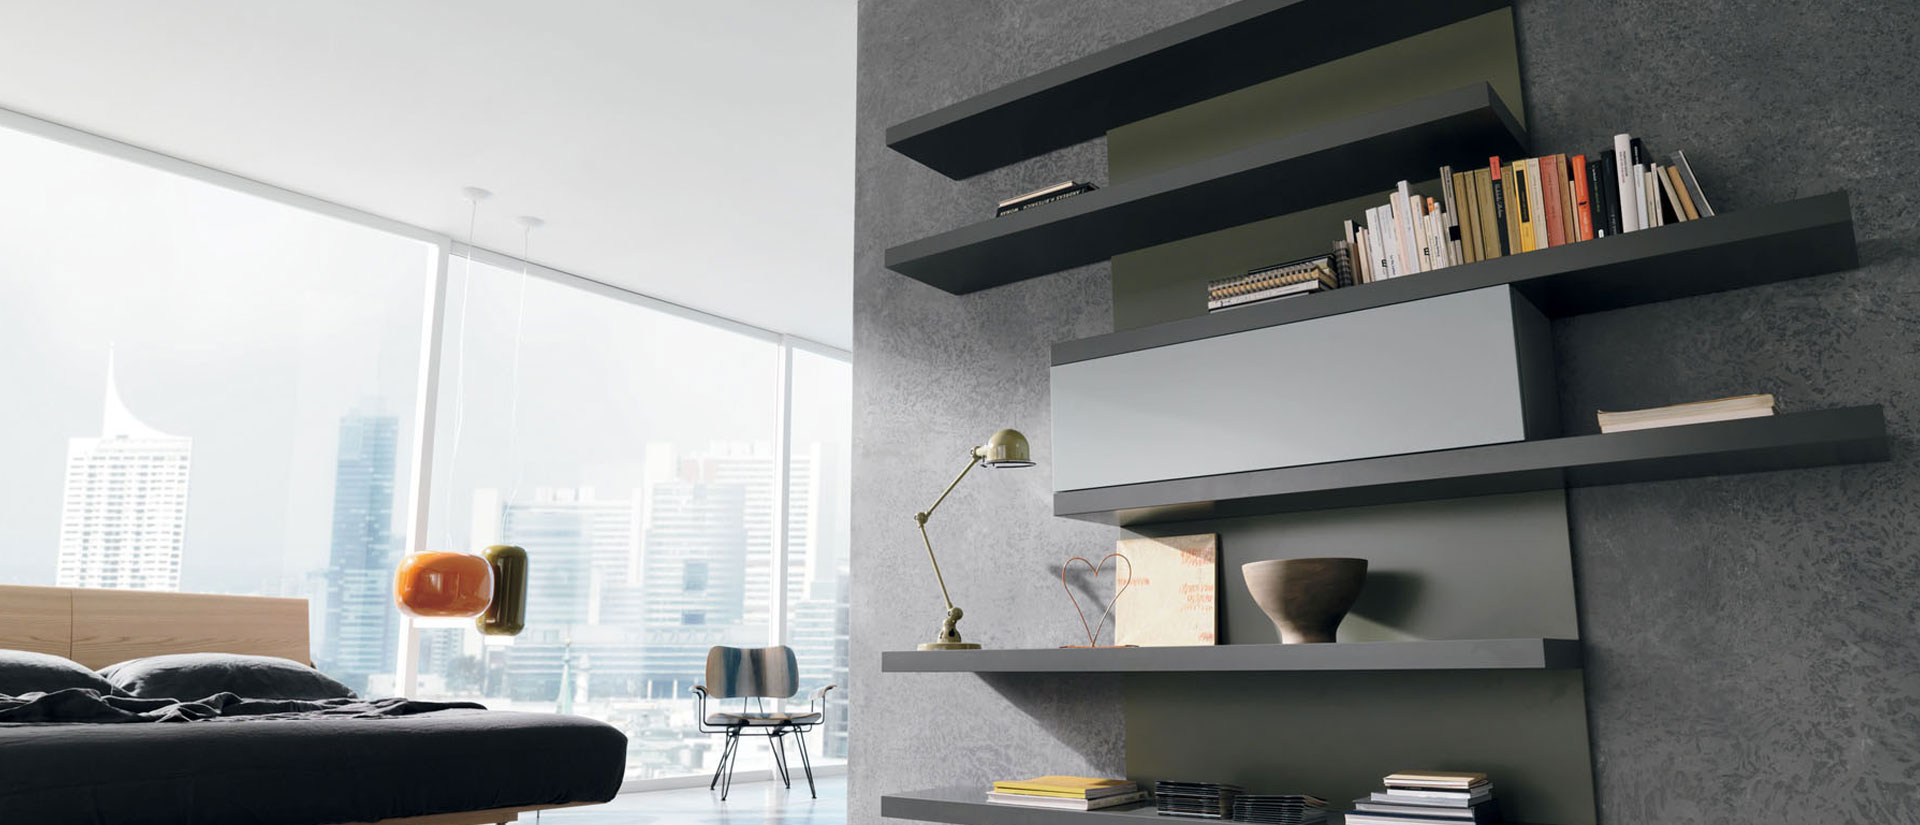 Parete attrezzata caccaro stile moderno casadesign for Parete attrezzata design moderno